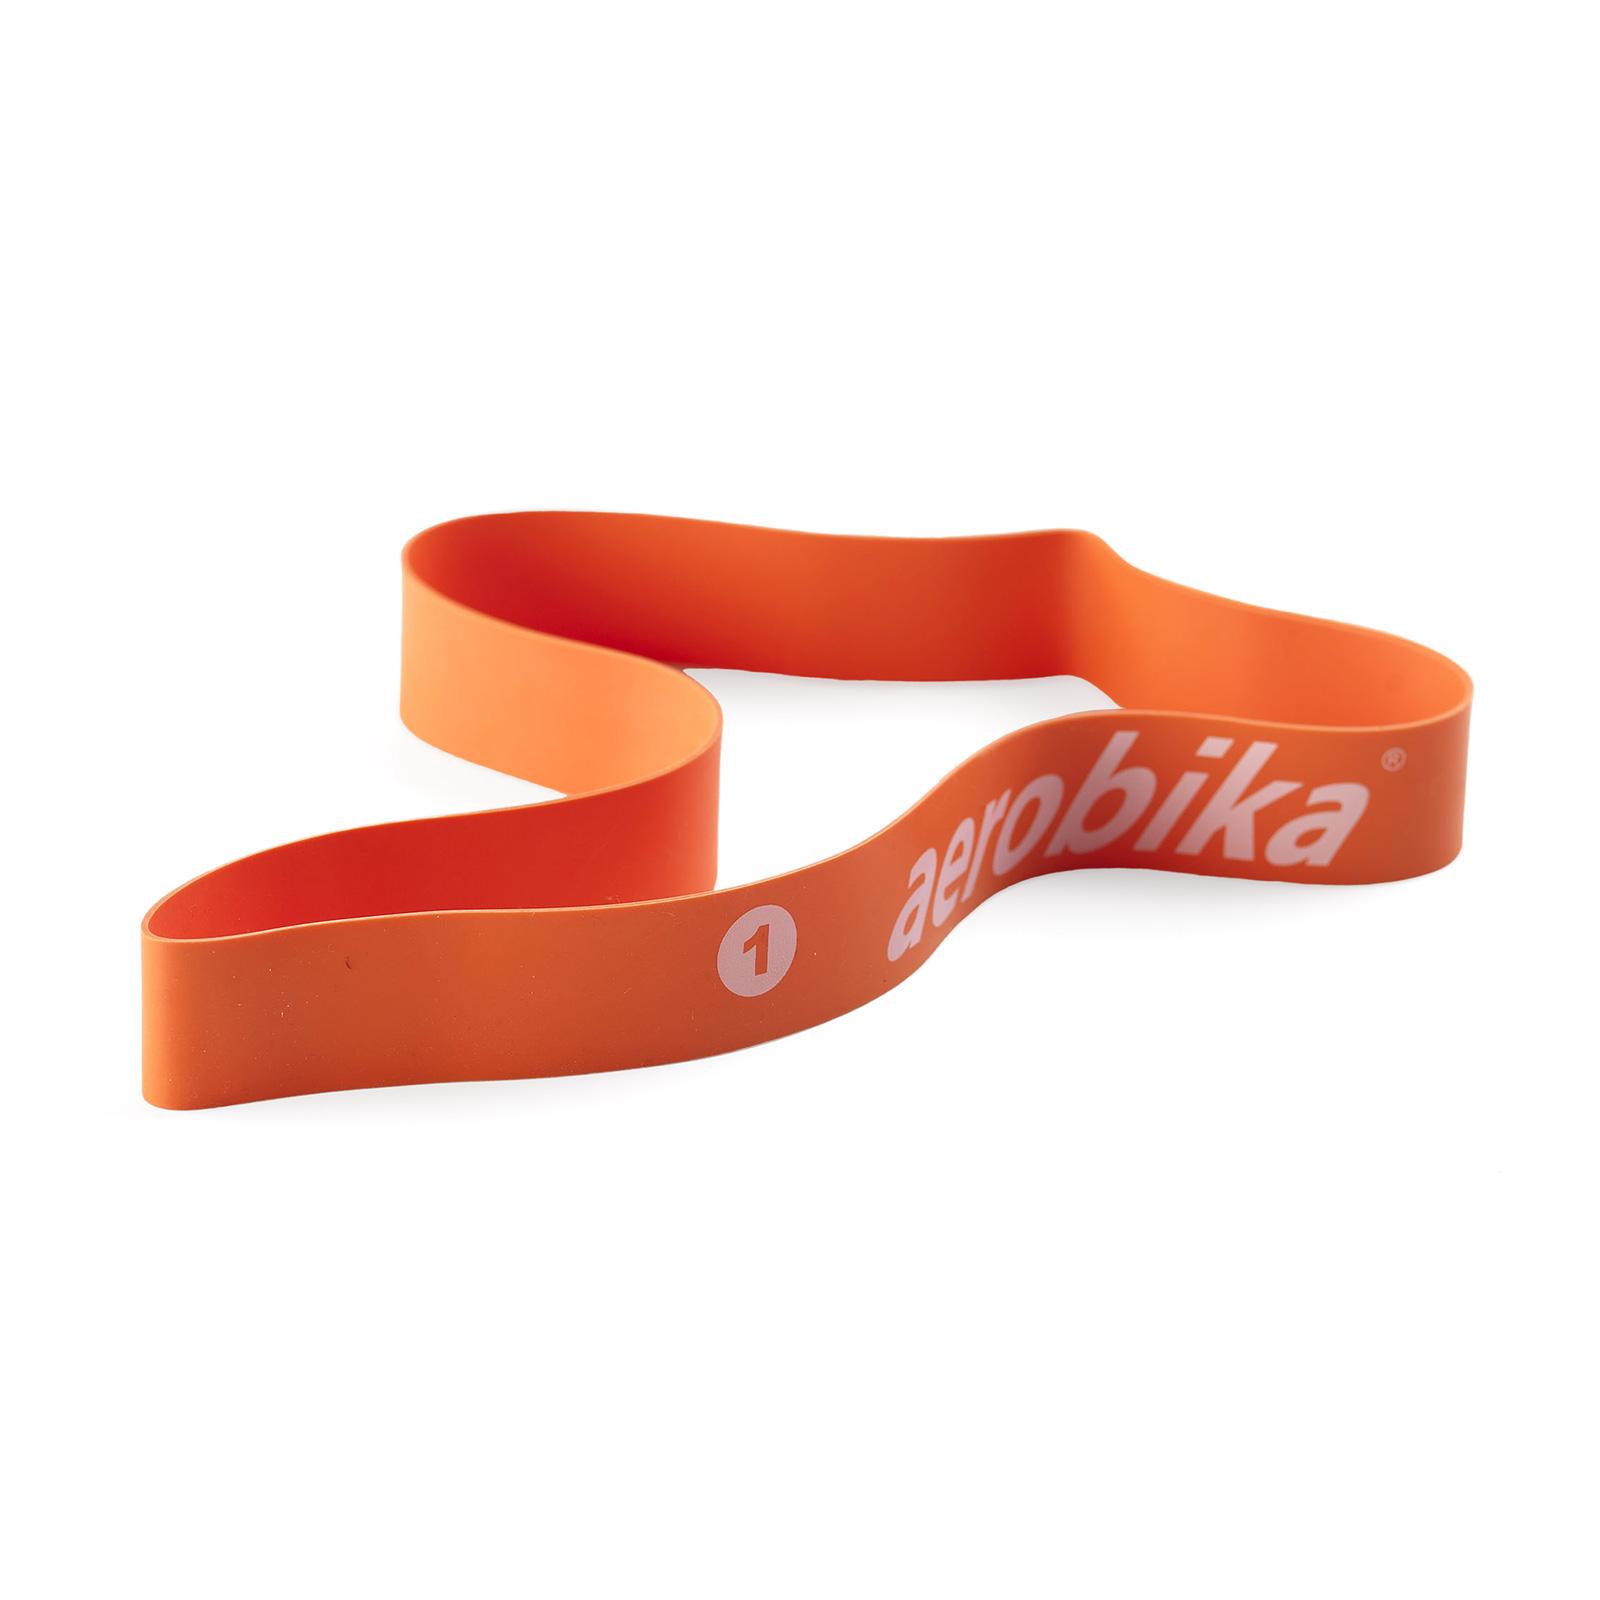 Bande élastique orange Aerobika Faible